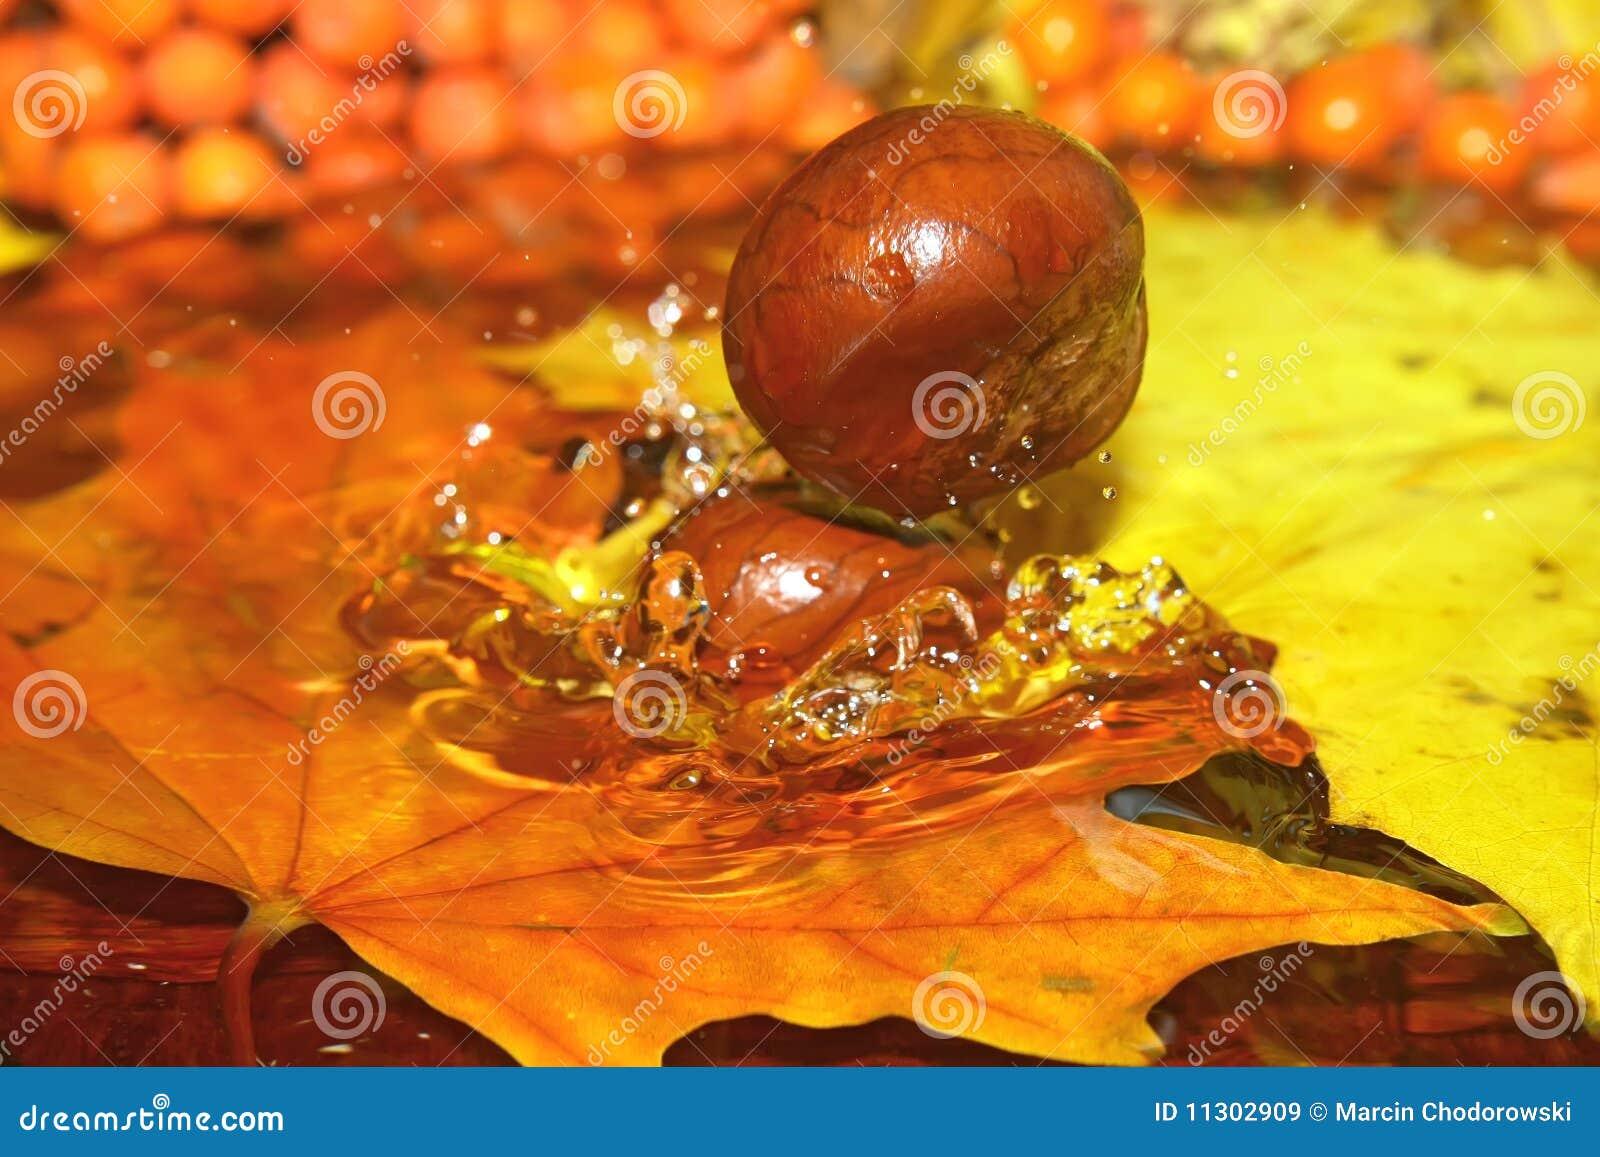 Kastanien fallen gelassen, um zu wässern.